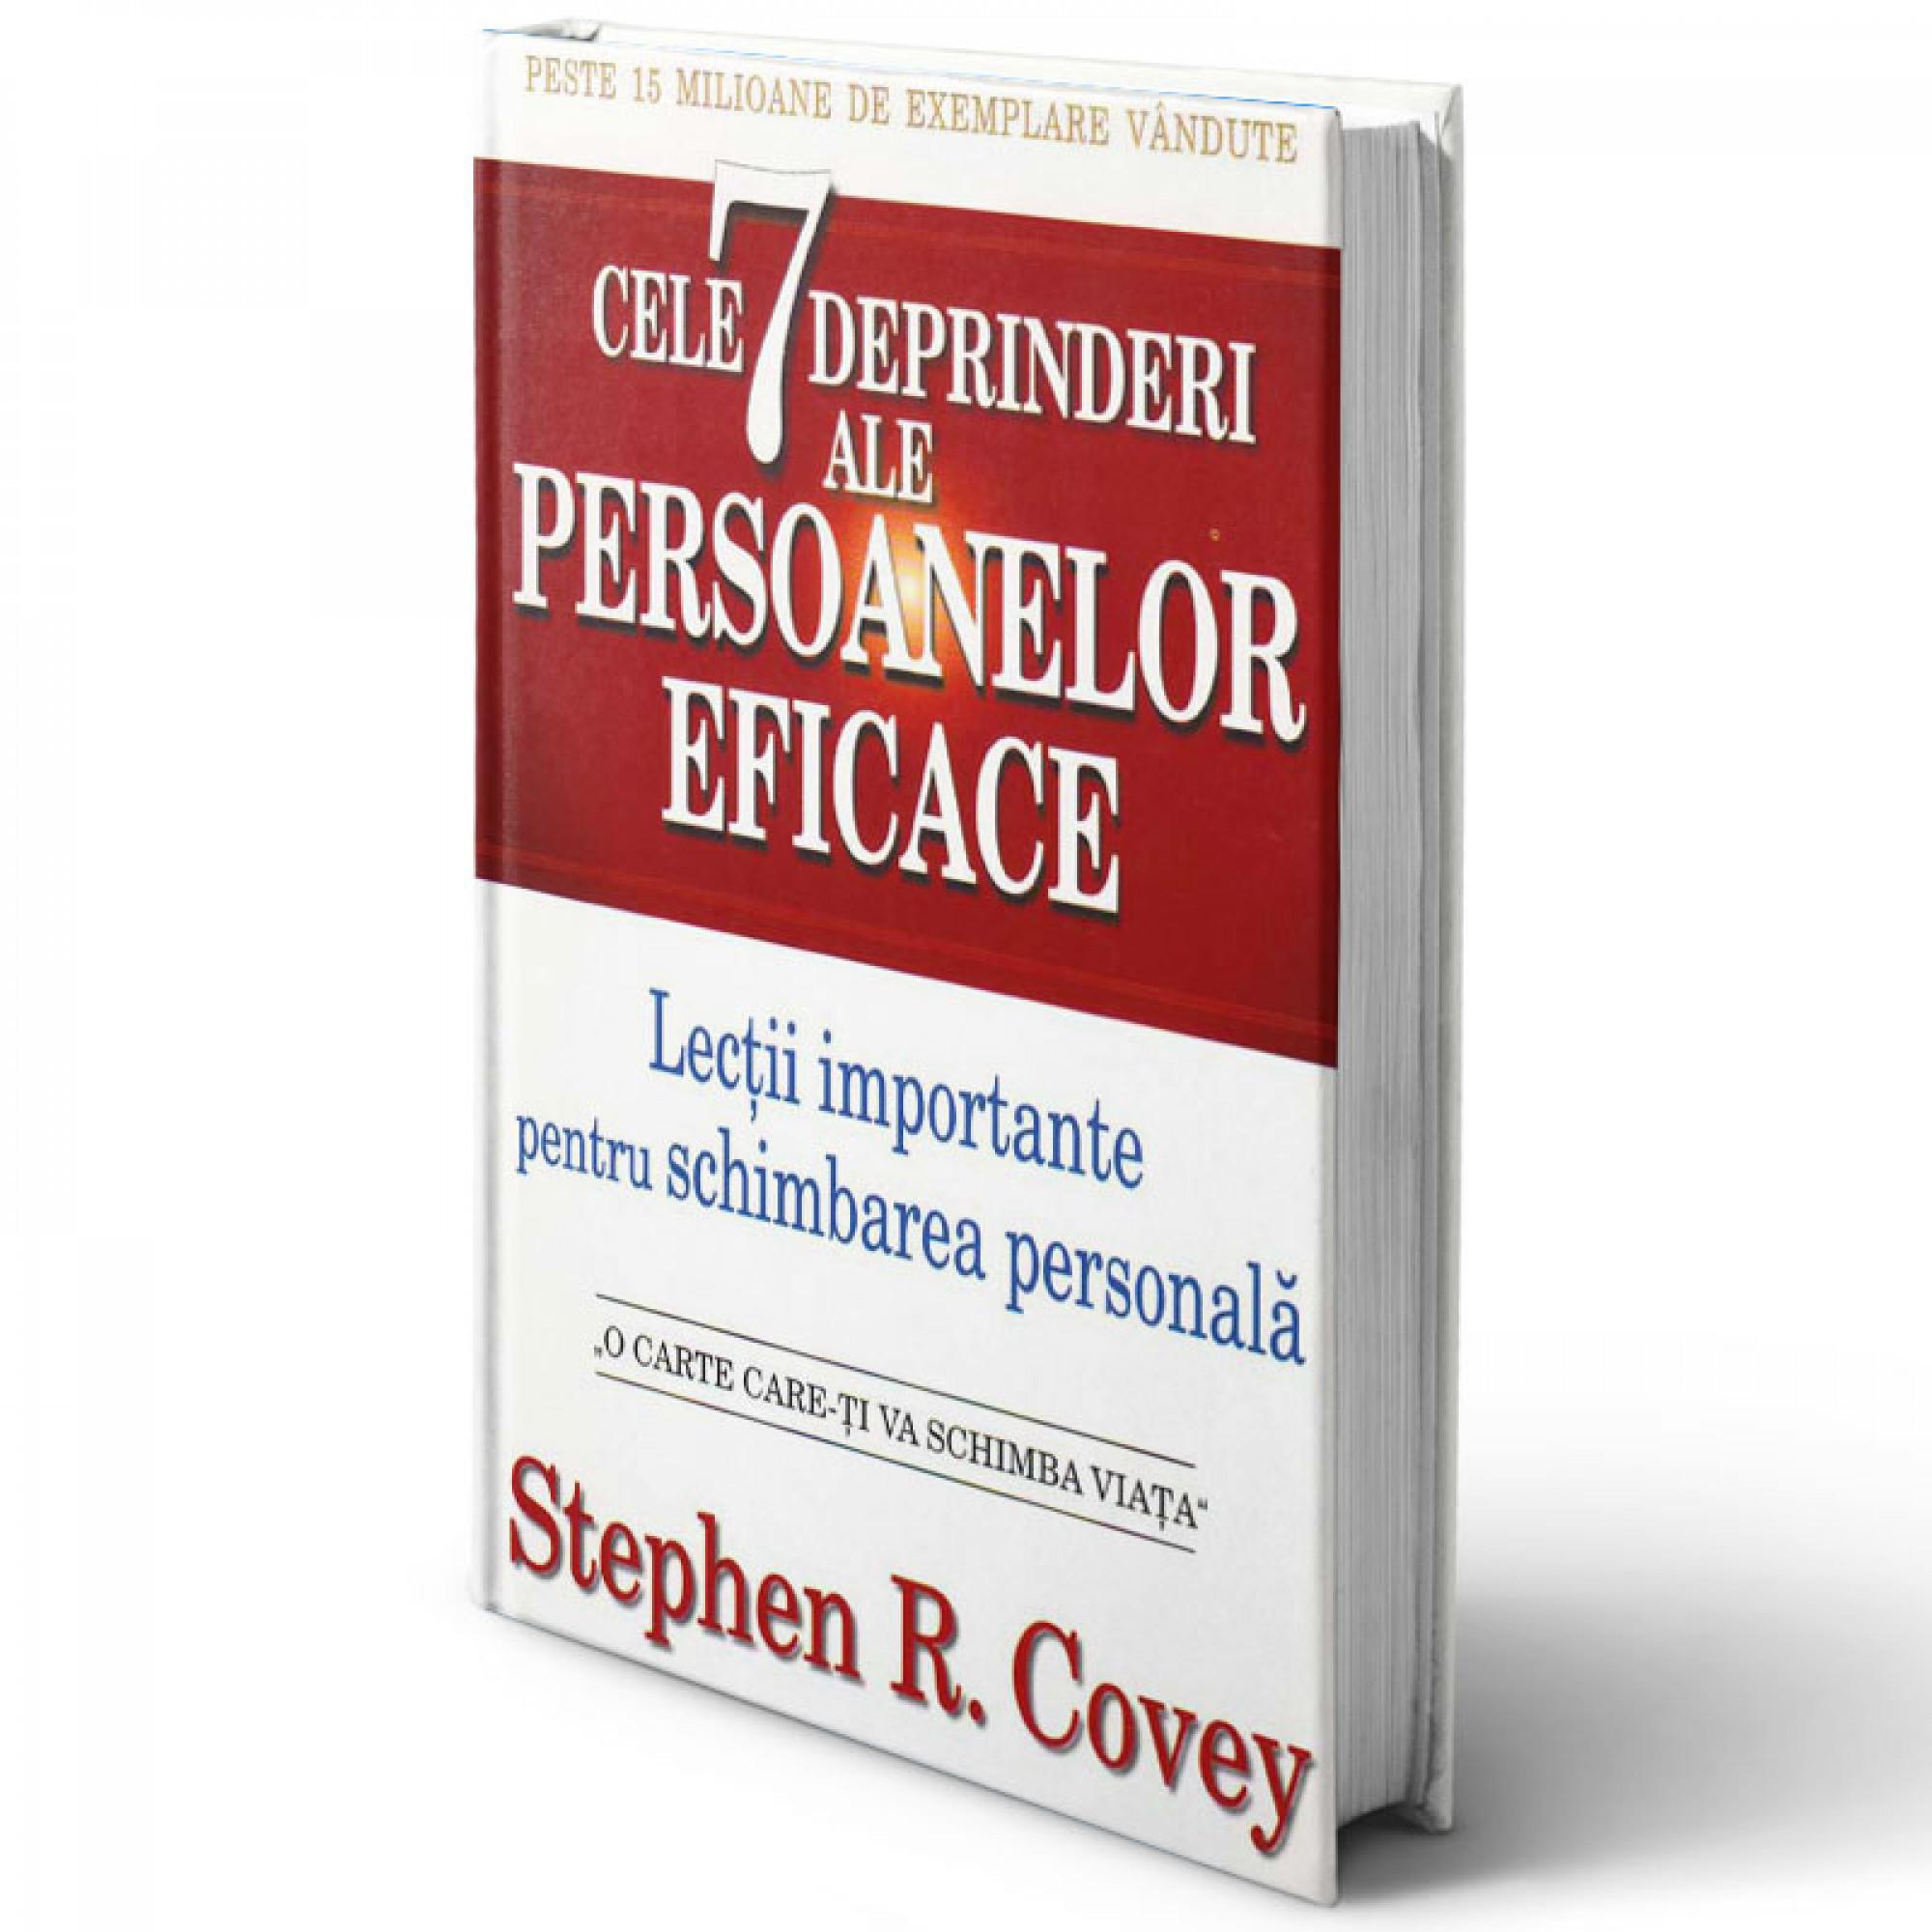 Cele 7 deprinderi ale persoanelor eficace. Lecții importante pentru schimbarea personală. Ediția 2015